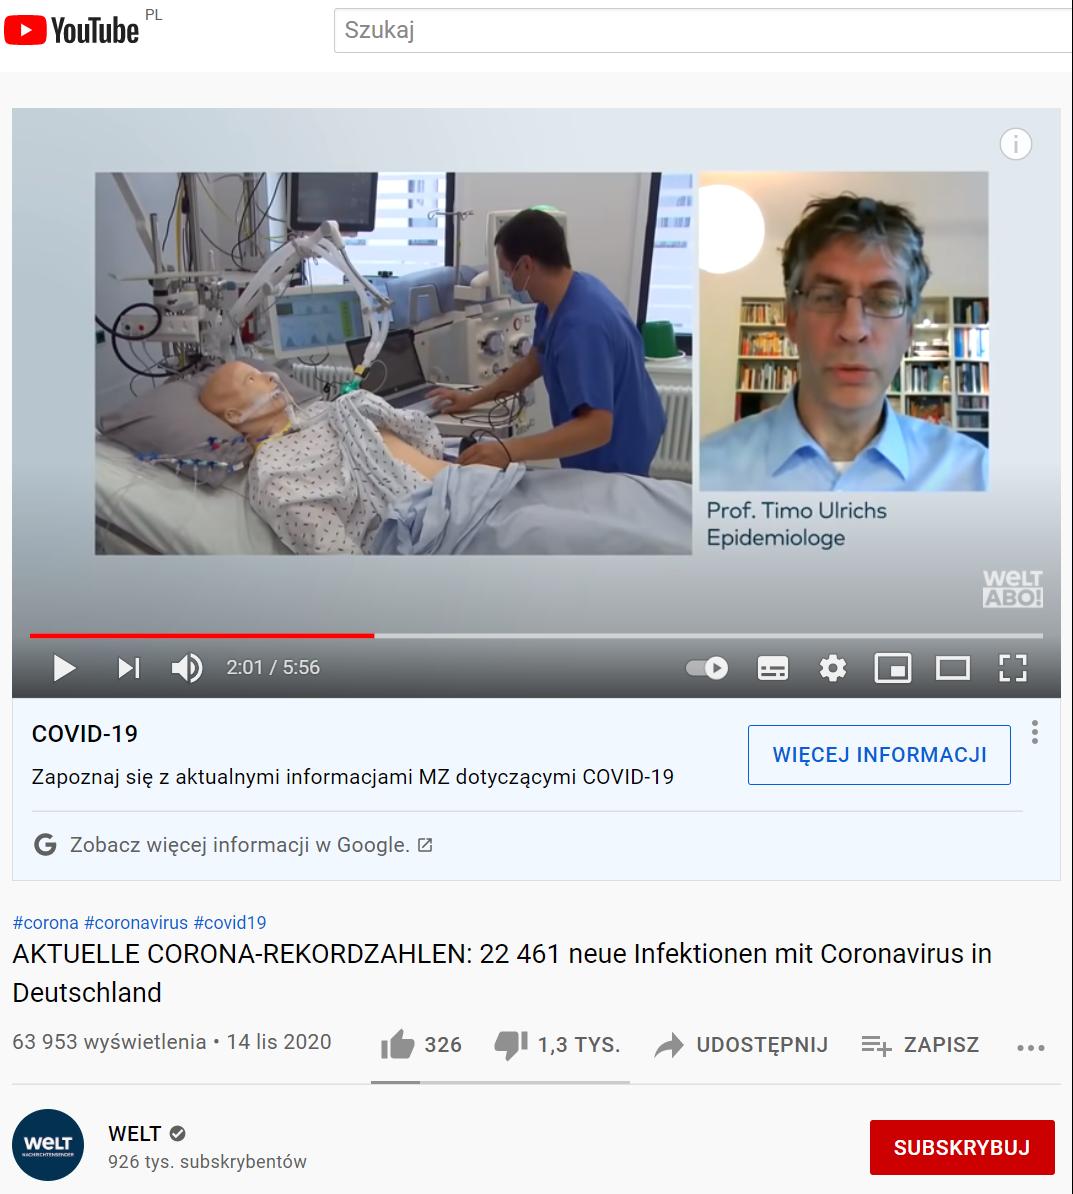 Materiał niemieckiej telewizji Welt dostępny na YouTube